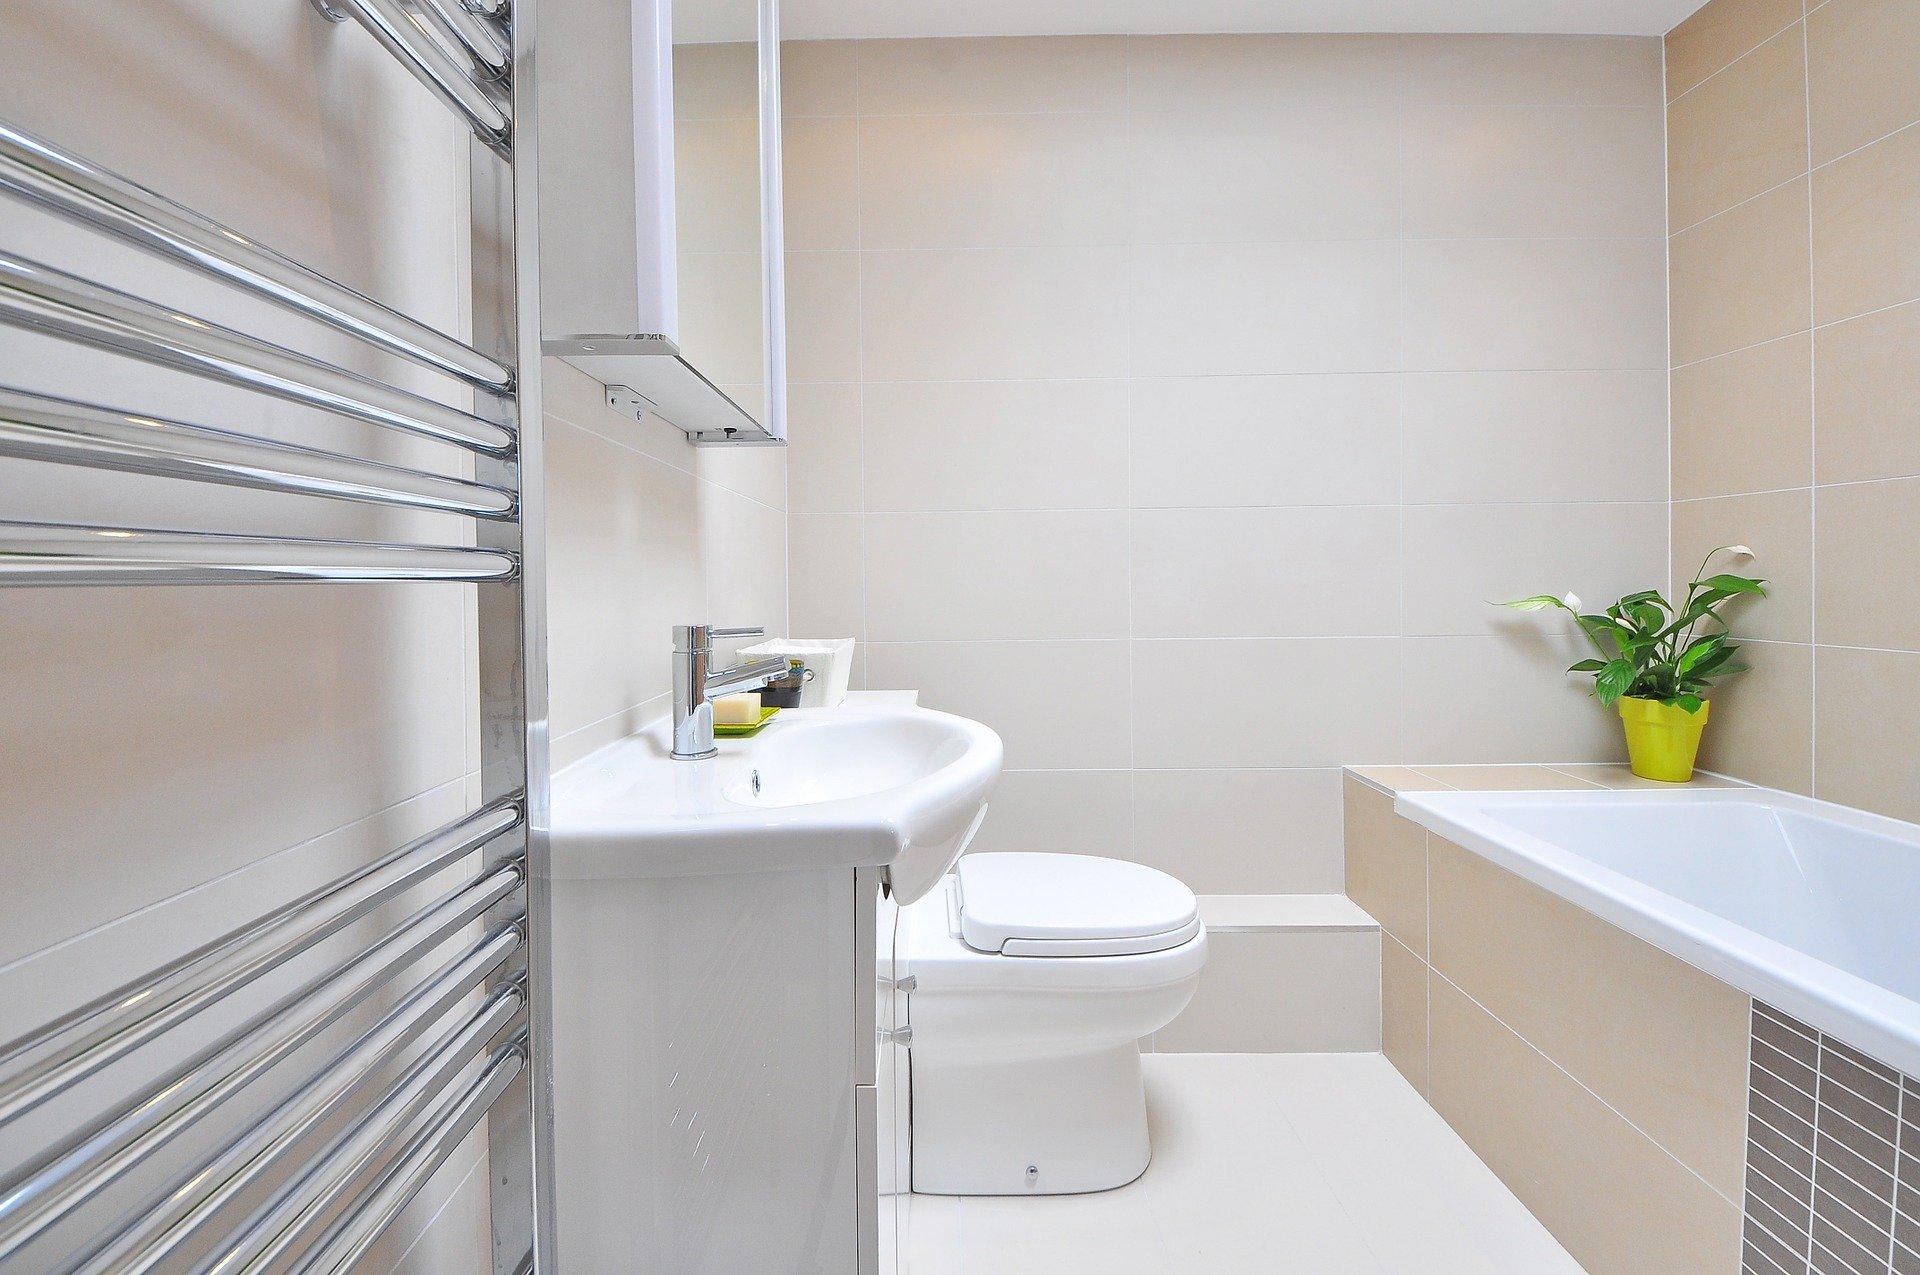 Mieux comprendre la rénovation de votre salle de bain